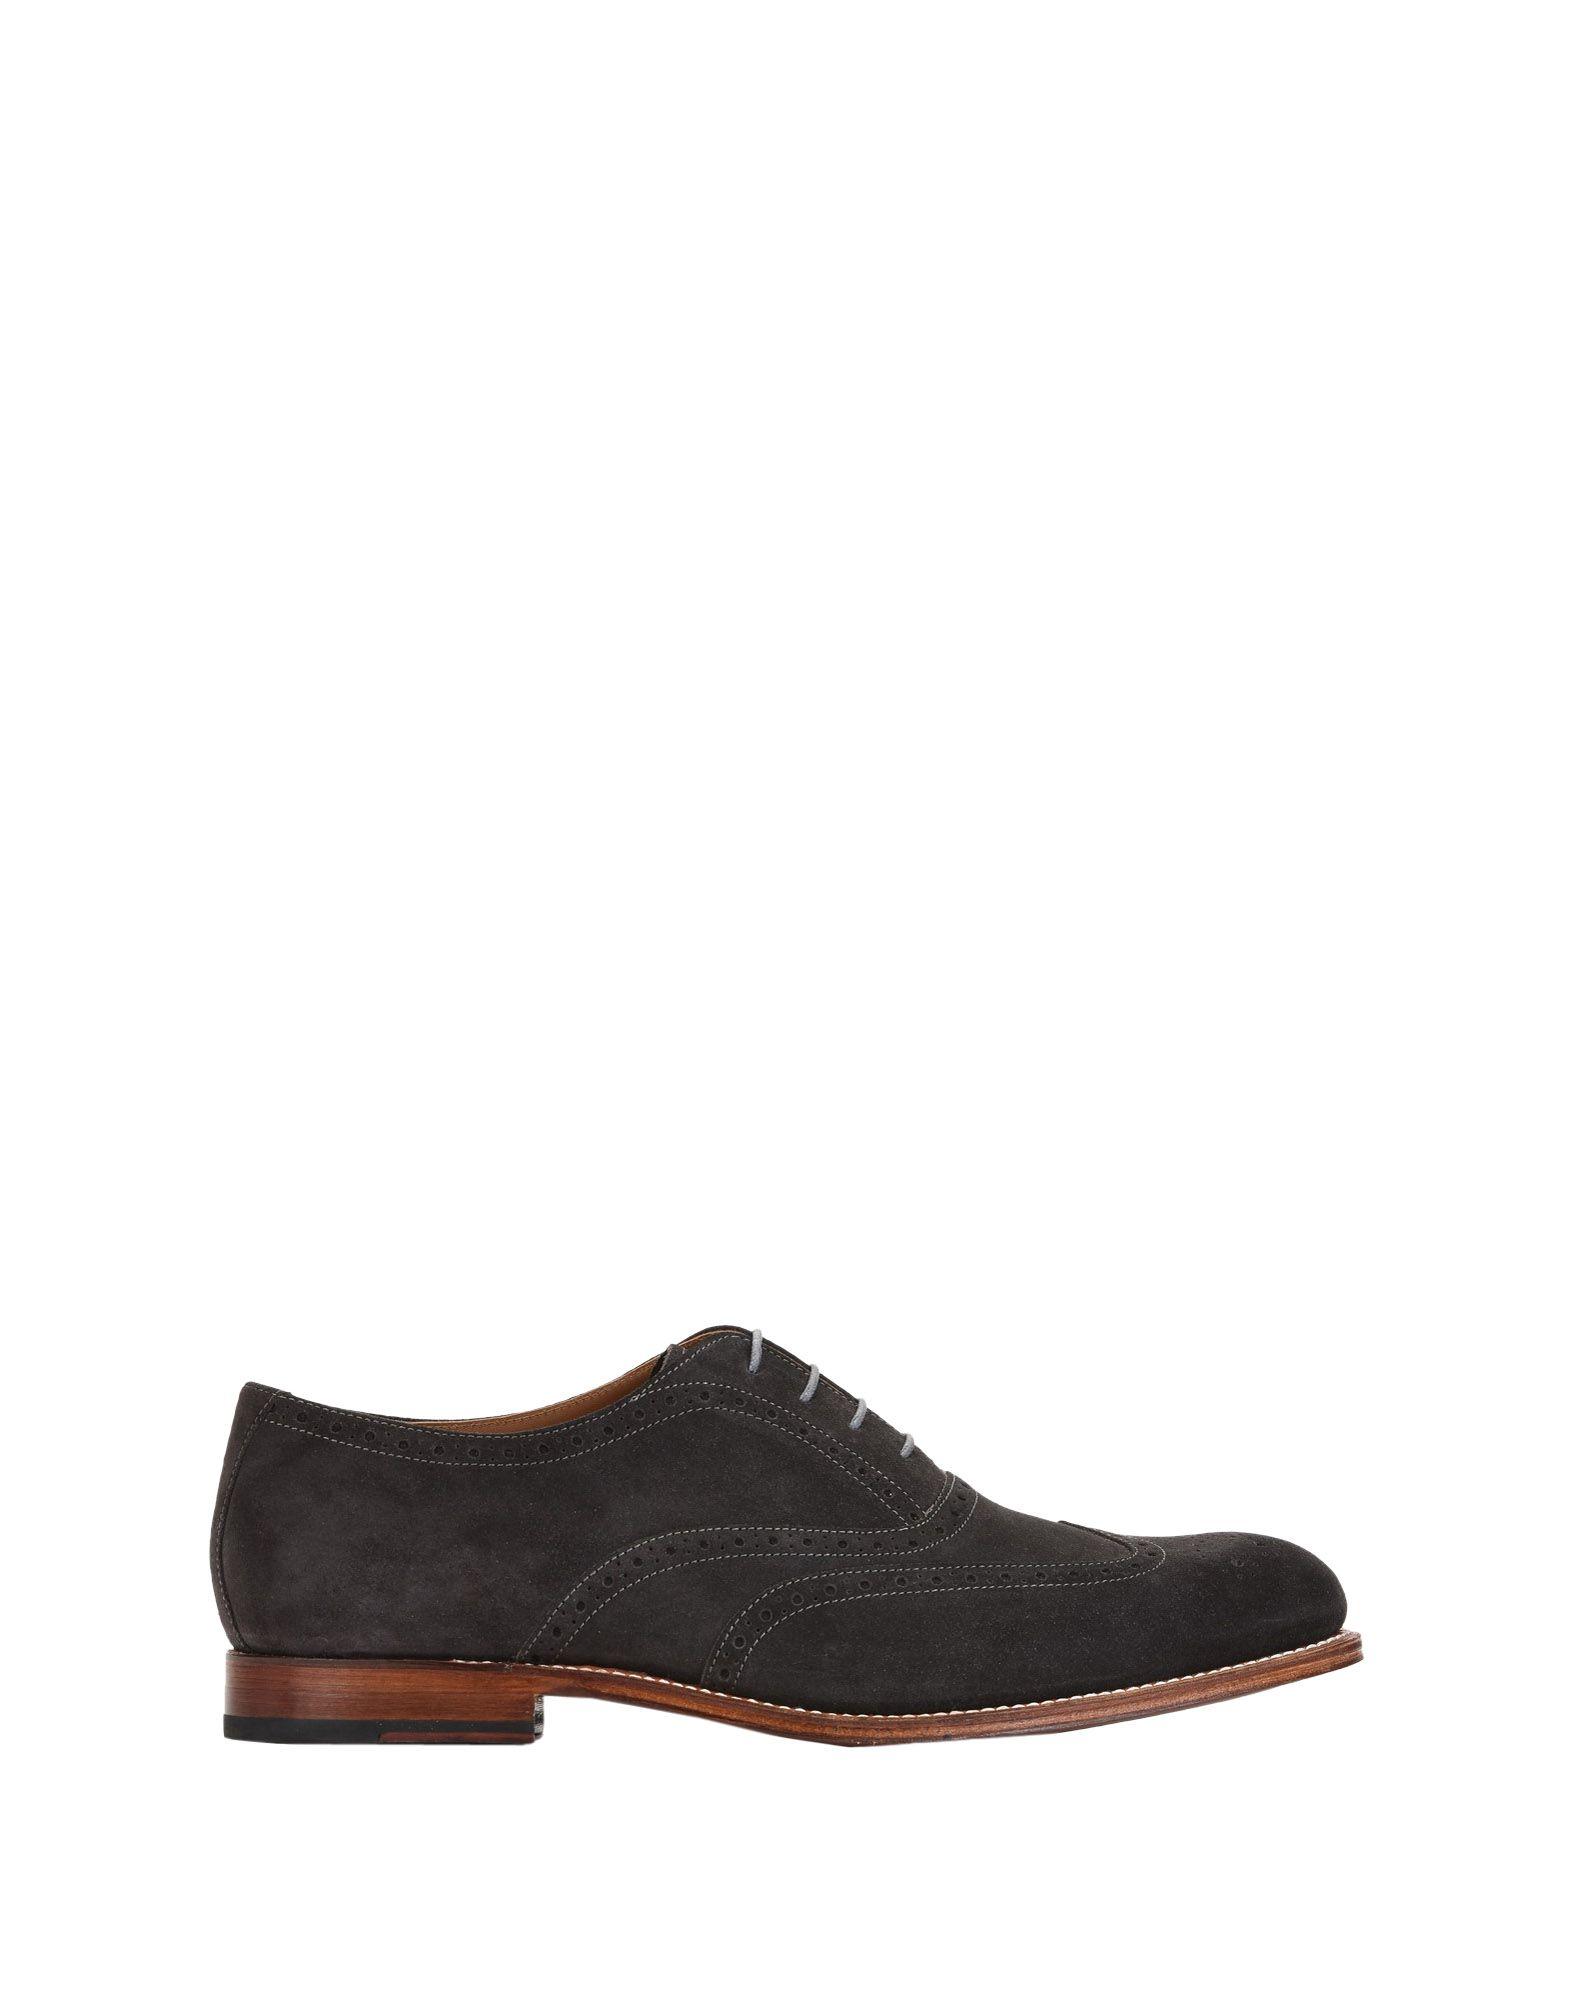 Grenson Schnürschuhe Herren  11212984WR Gute Qualität beliebte Schuhe